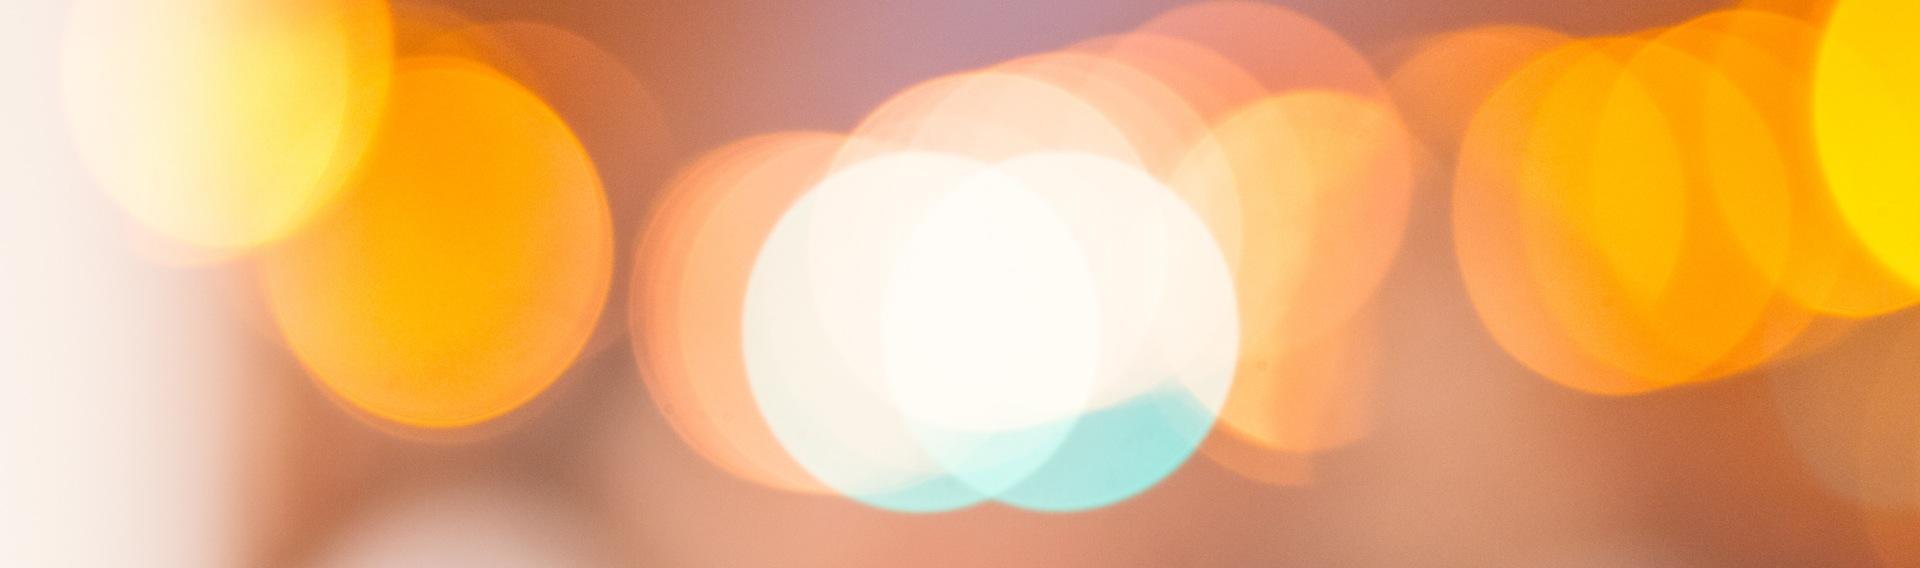 Dynamisk belysning